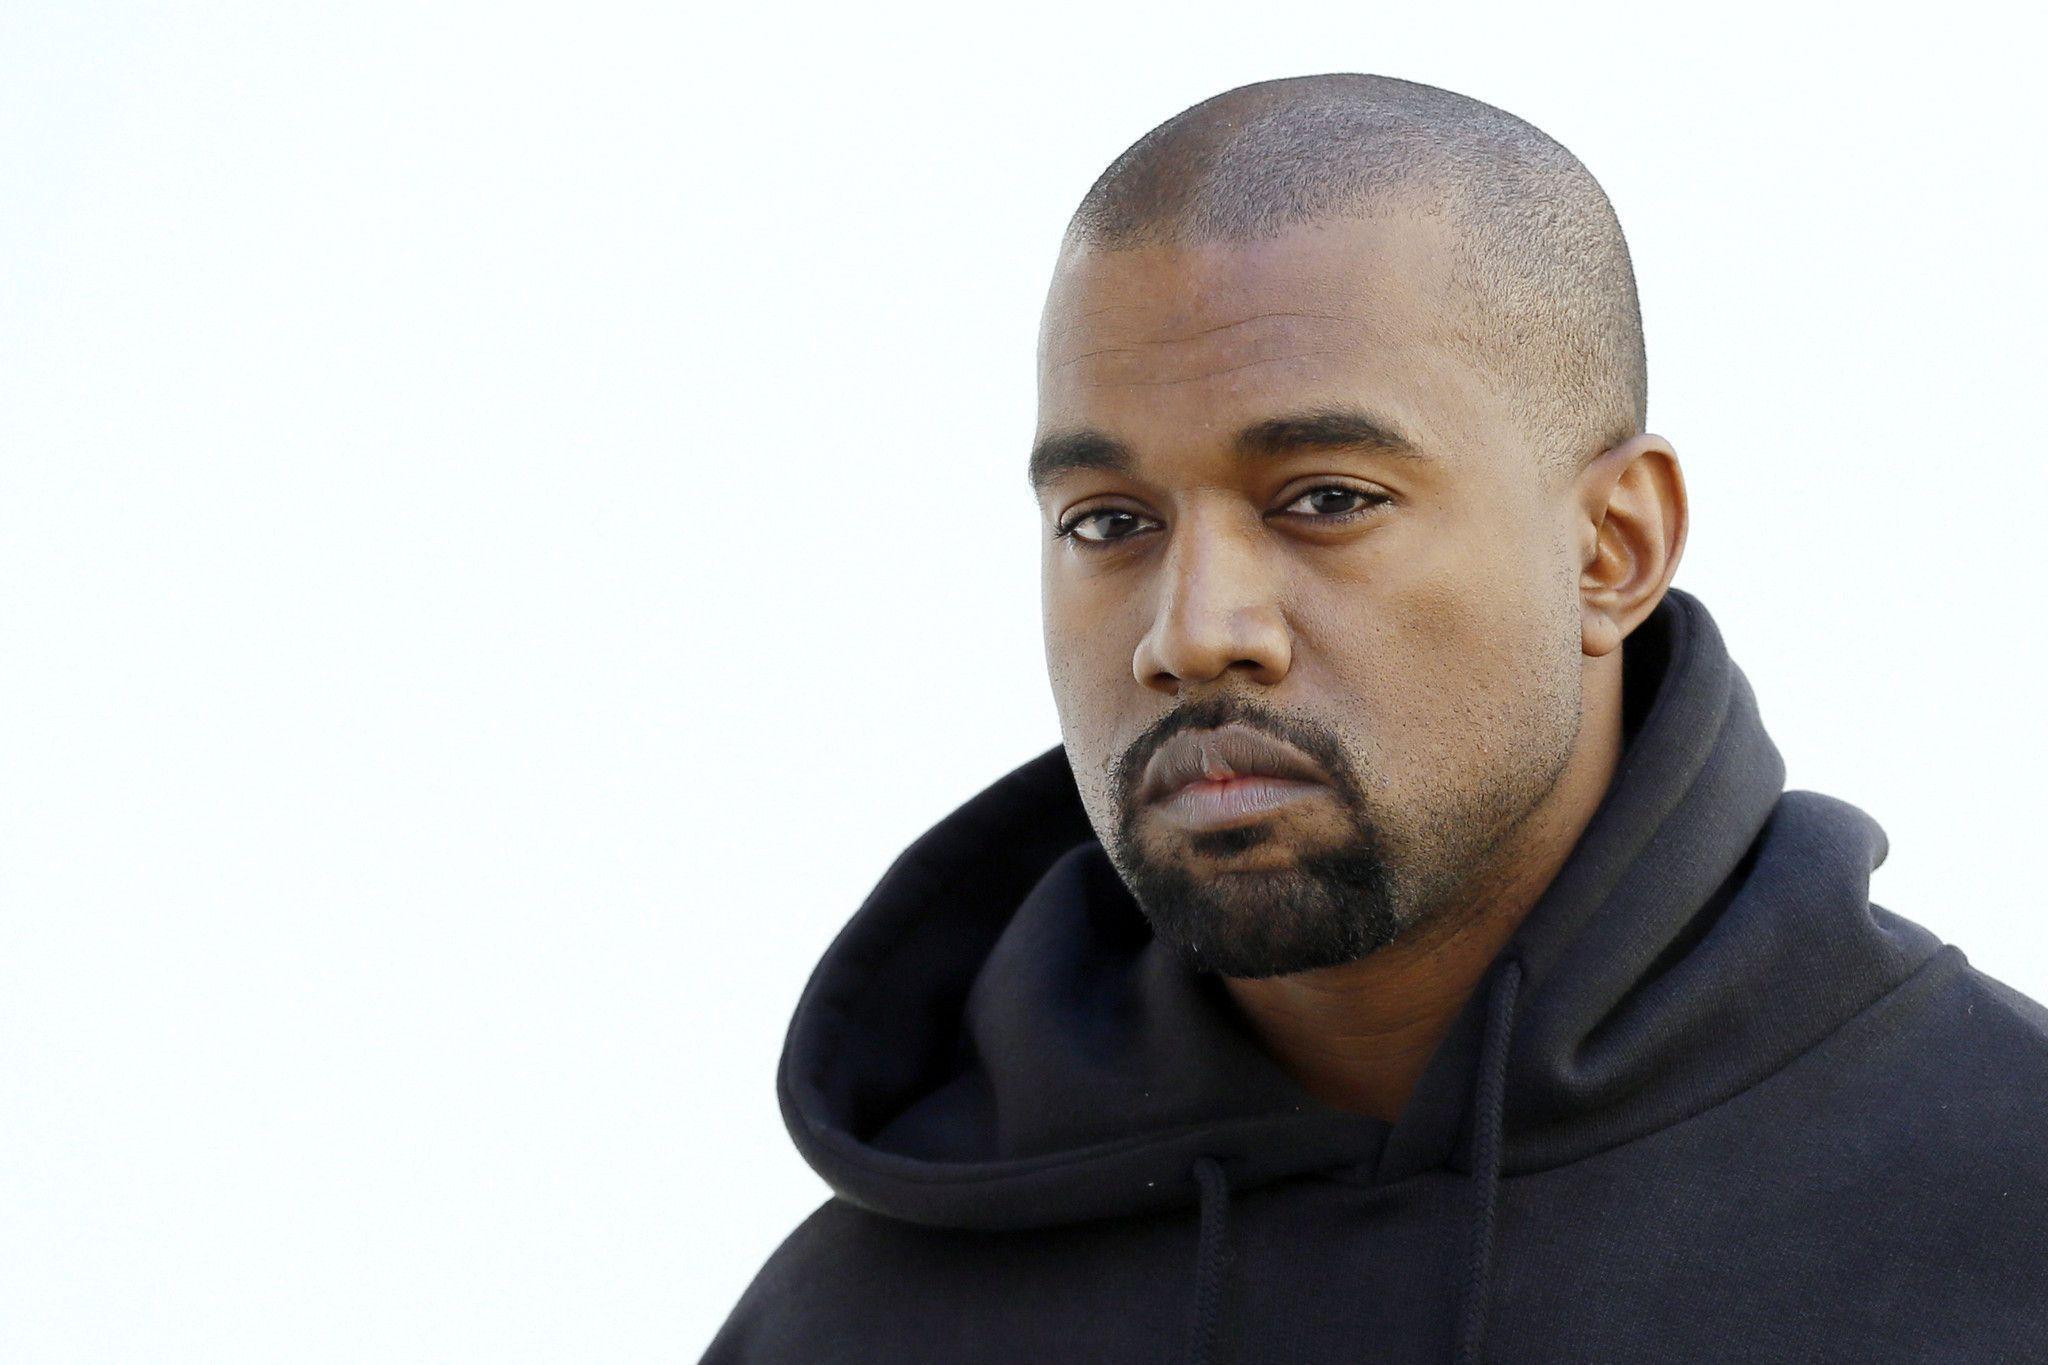 Kanye West: 'Ho debiti per 53 milioni di dollari' e chiede aiuto a Larry Page e Mark Zuckerberg